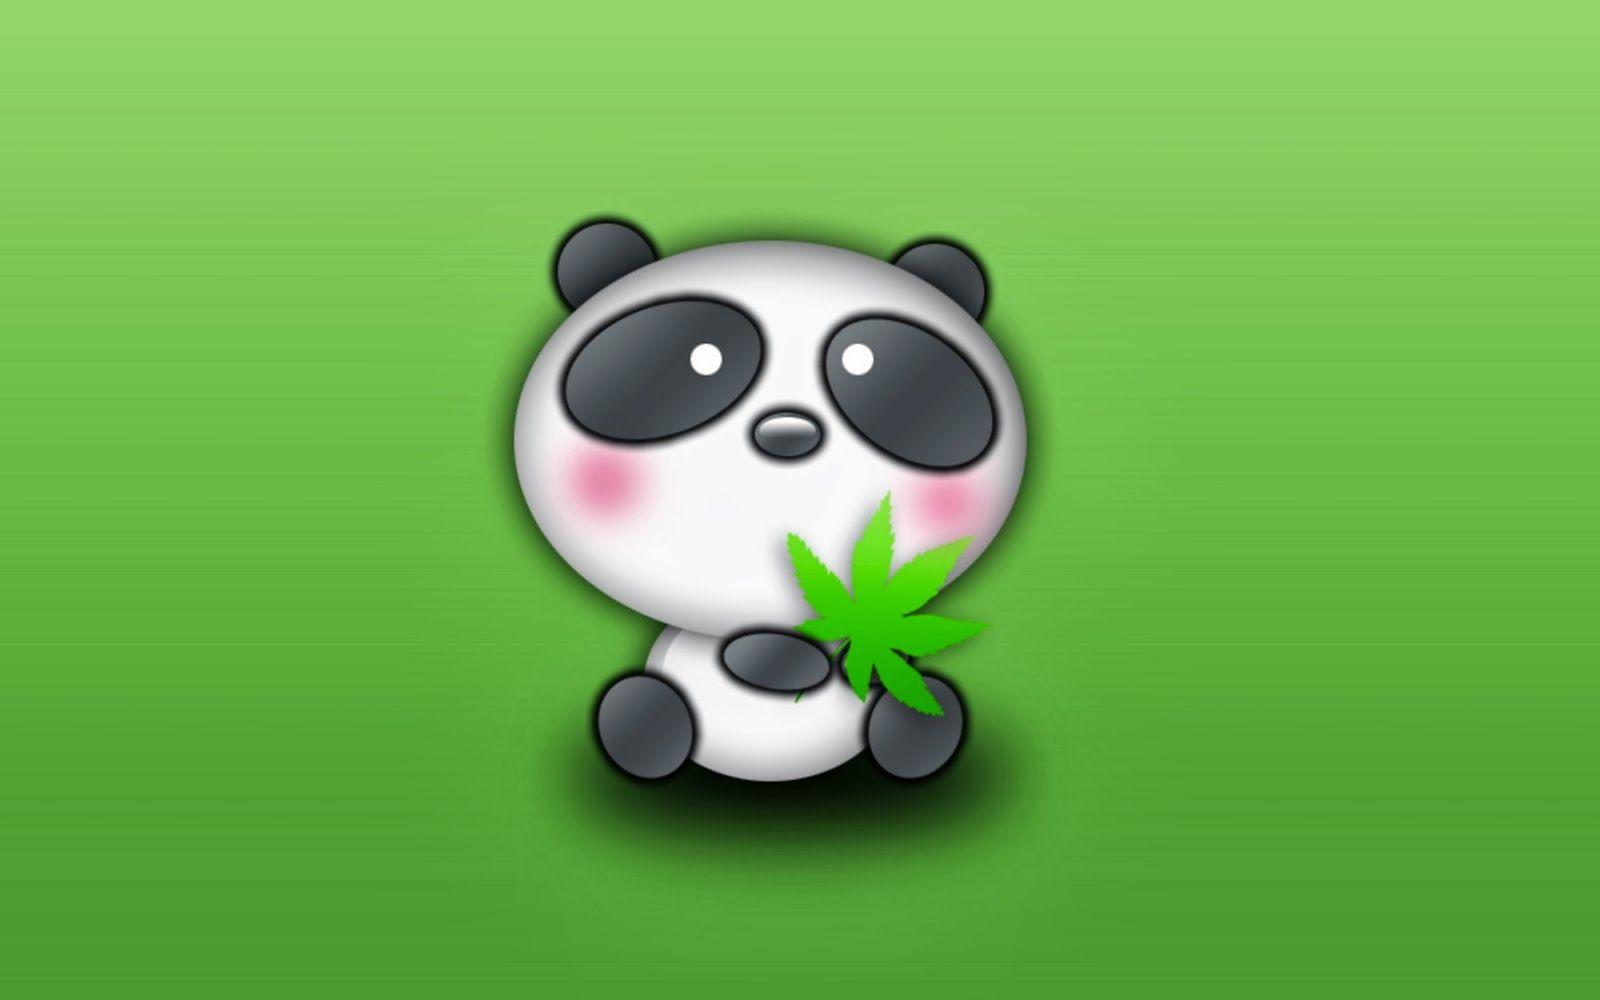 دبدوب لطيف خلفية سطح المكتب عالية الدقة Hd معارض أجمل الخلفيات بالعالم Hd Wallpapers Cute Panda Cartoon Panda Wallpapers Panda Bears Wallpaper